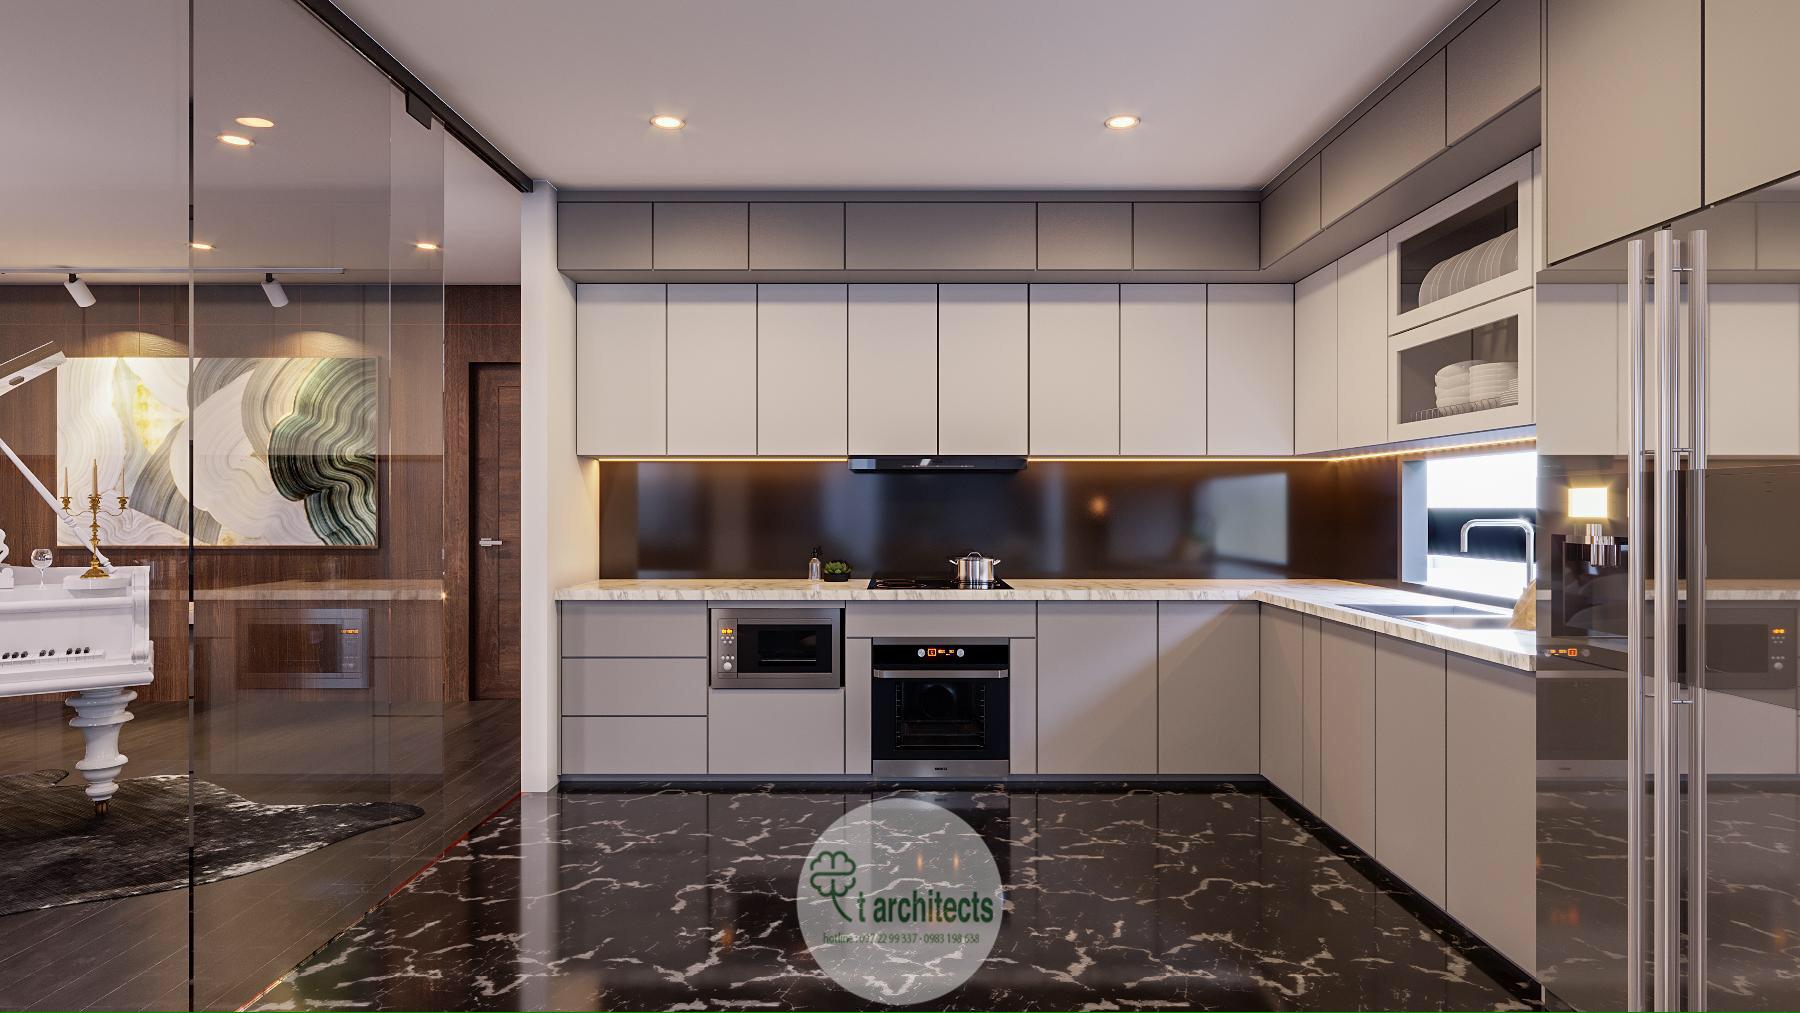 Thiết kế nội thất Chung Cư tại Thanh Hóa Nội thất tầng sinh hoạt của Học Viện Thẩm Mỹ Loan's Spa 1589764320 7